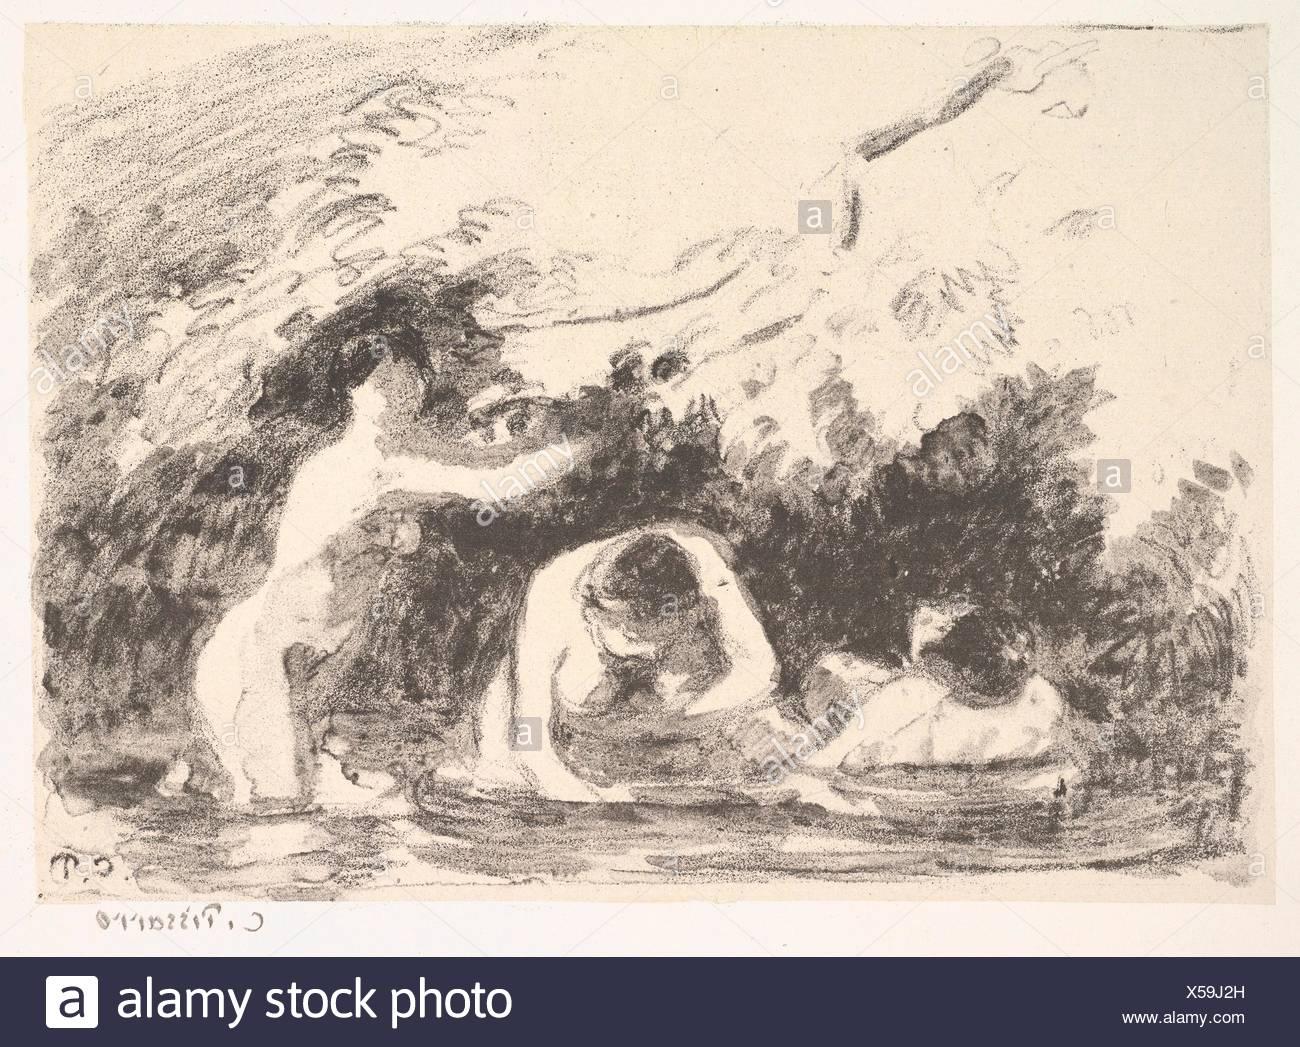 Bathers in the Shade of Wooded Banks (Baigneuses à L´Ombre des Berges Boisées). Series/Portfolio: L´Estampe originale, Album IX; Artist: Camille Stock Photo